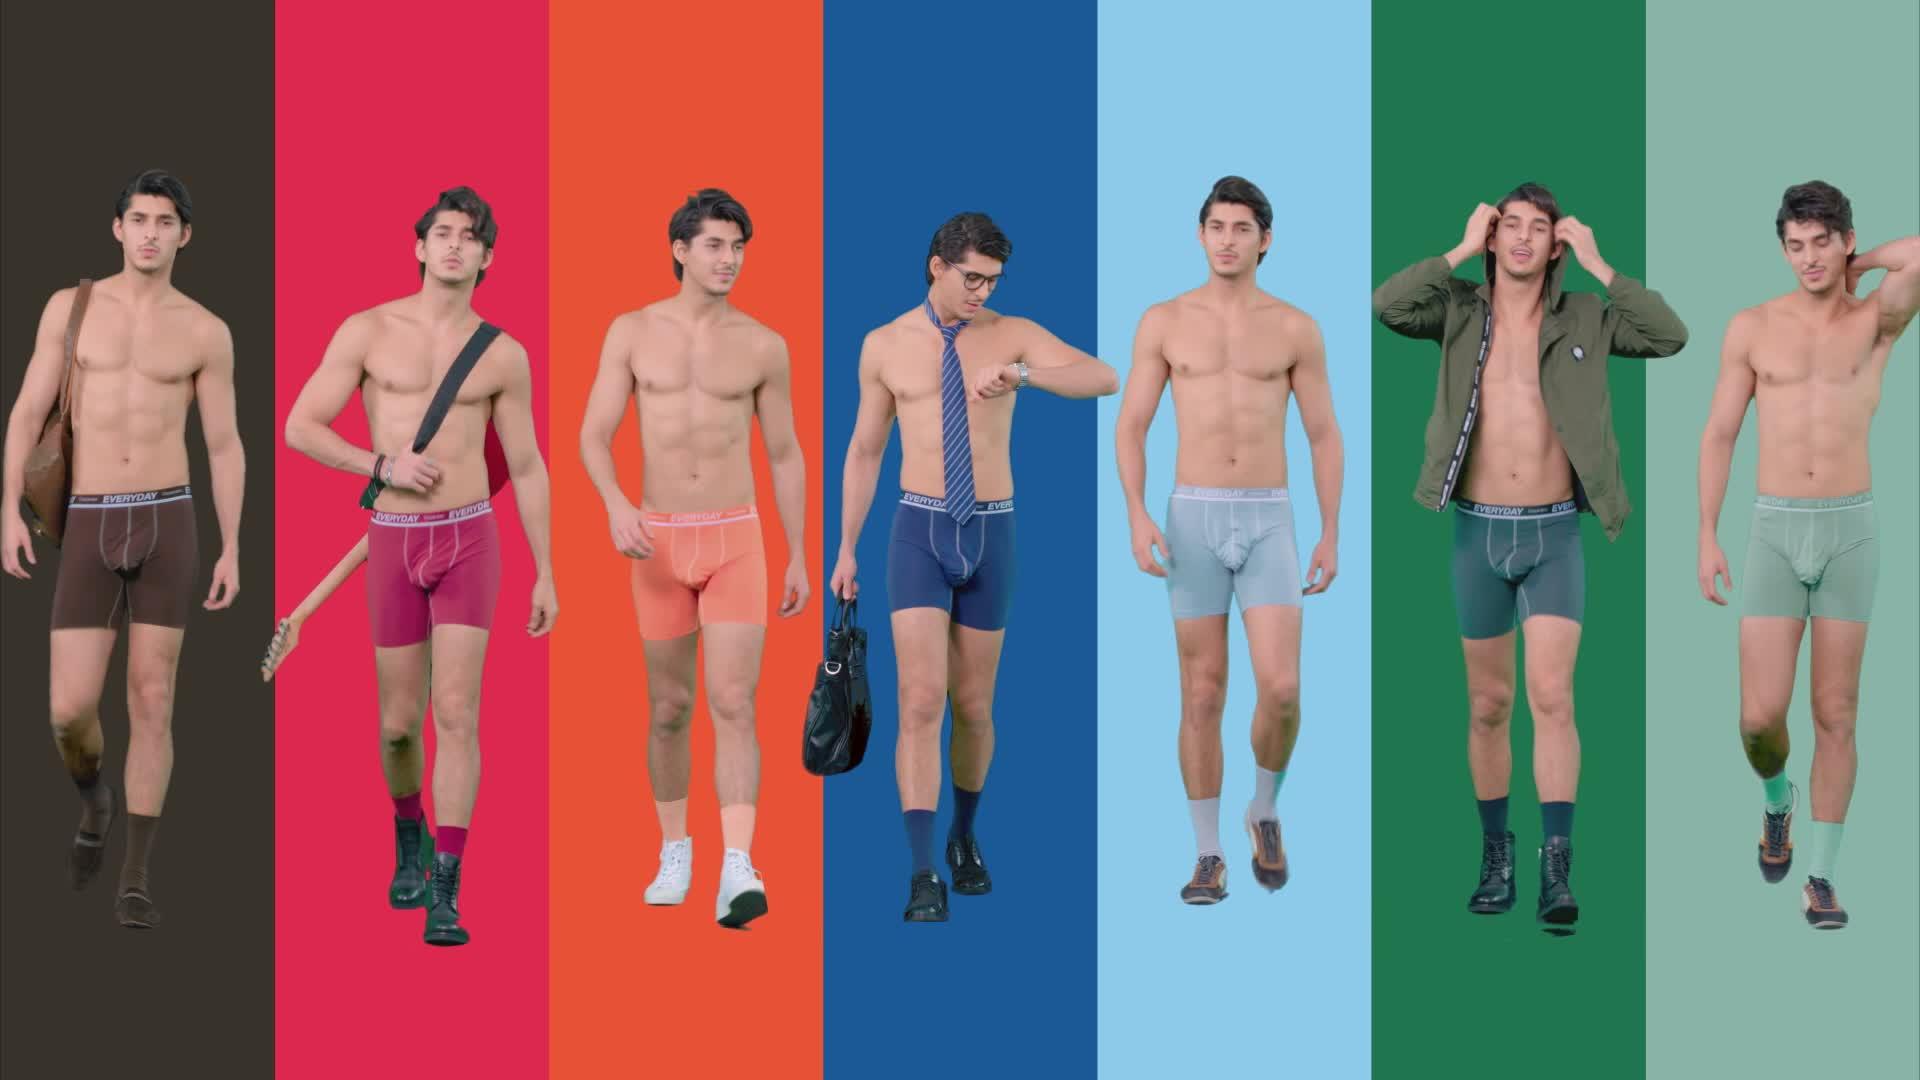 Separatec ขายส่งแฟชั่นเซ็กซี่เซ็กซี่กีฬากางเกงขาสั้นผ้าฝ้ายผู้ชายชุดชั้นใน 7 แพ็ค